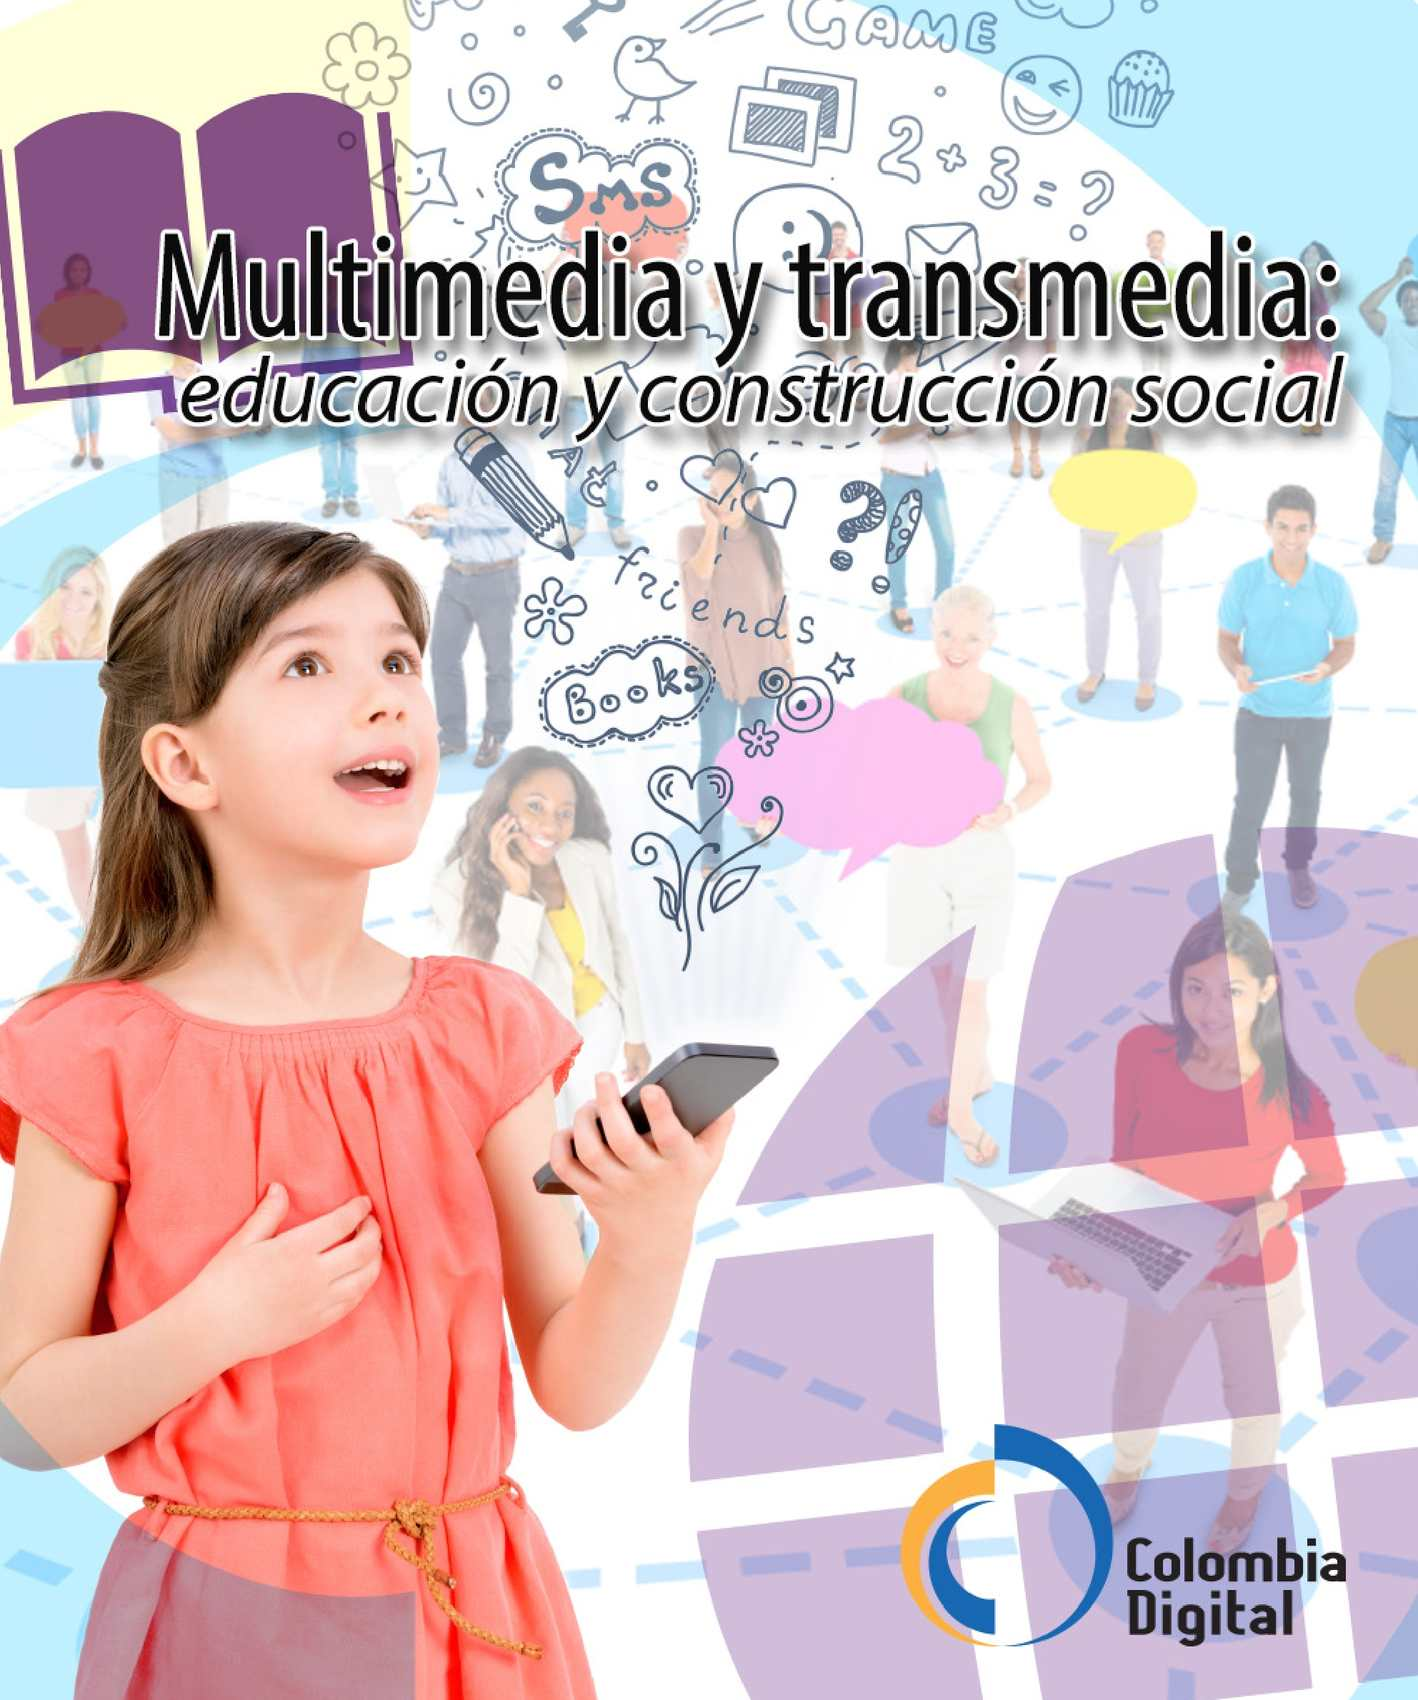 Multimedia y transmedia: Educacion y Construccion social